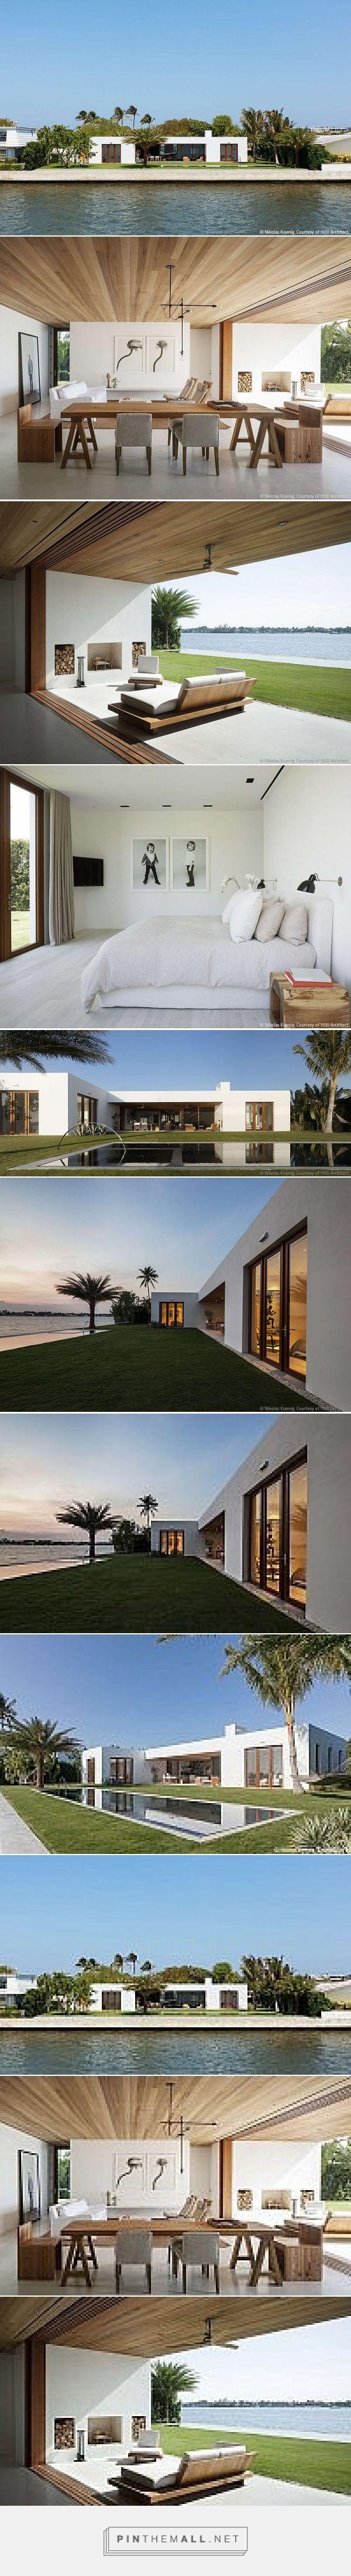 106 besten Besondere Häuser Bilder auf Pinterest | Kleine häuser ...